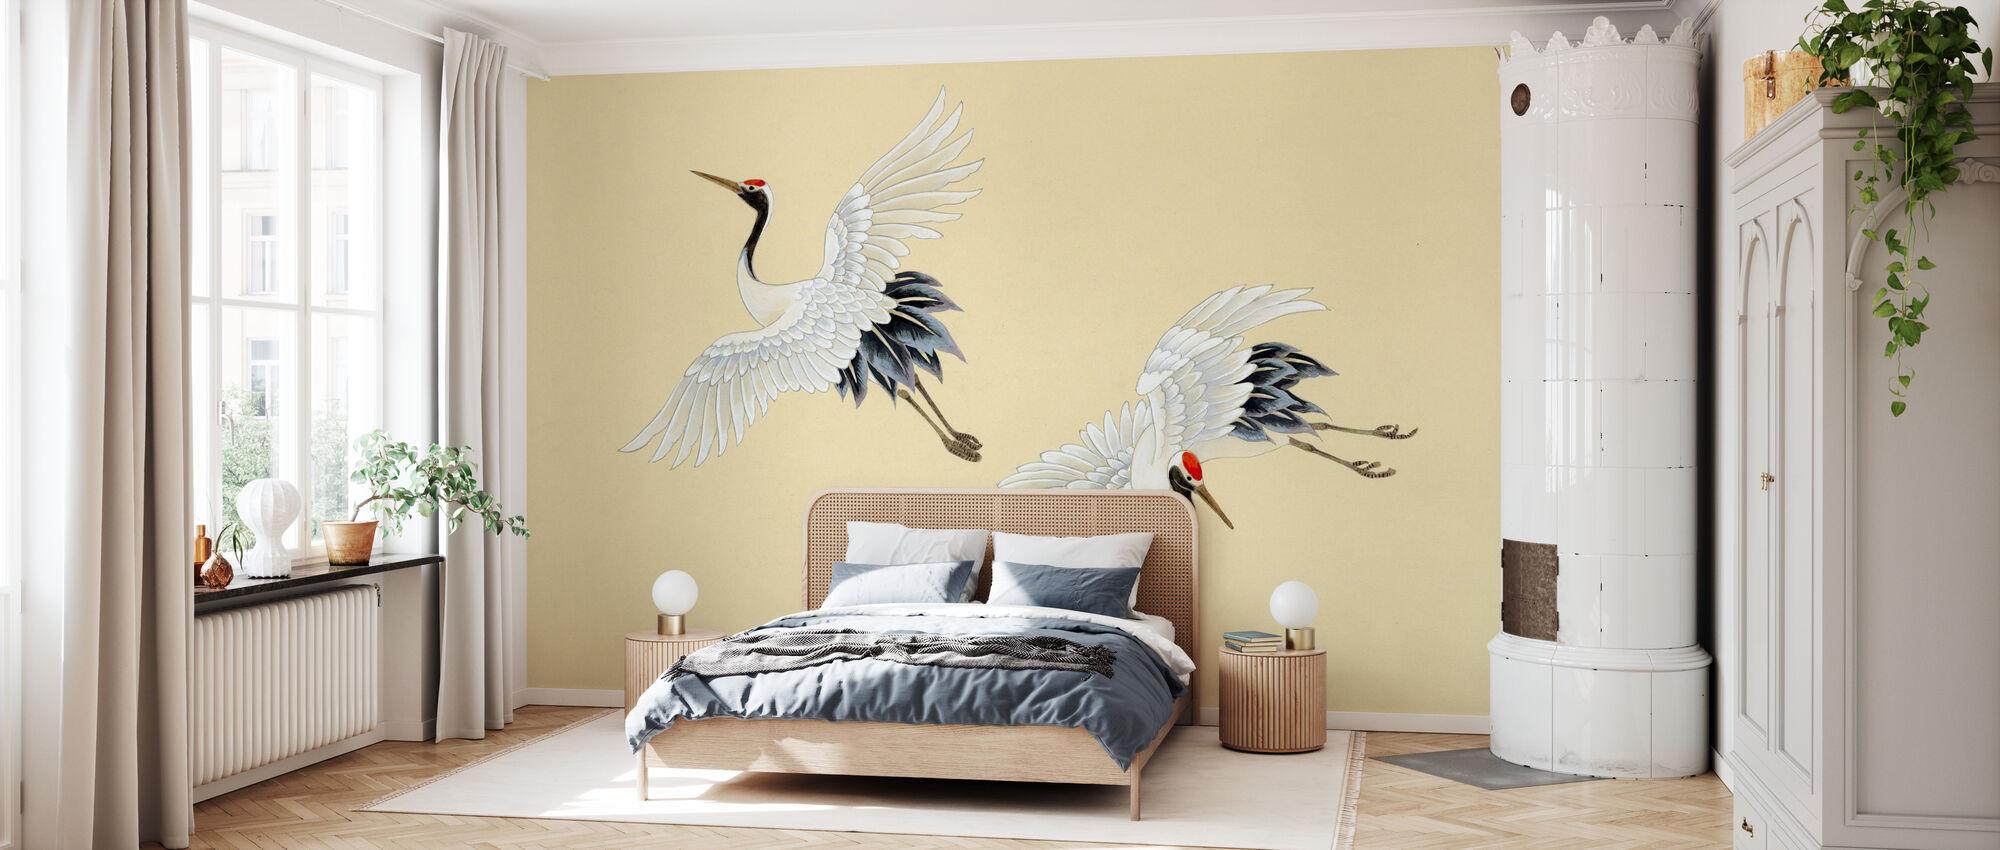 Twee Kranen - Behang - Slaapkamer